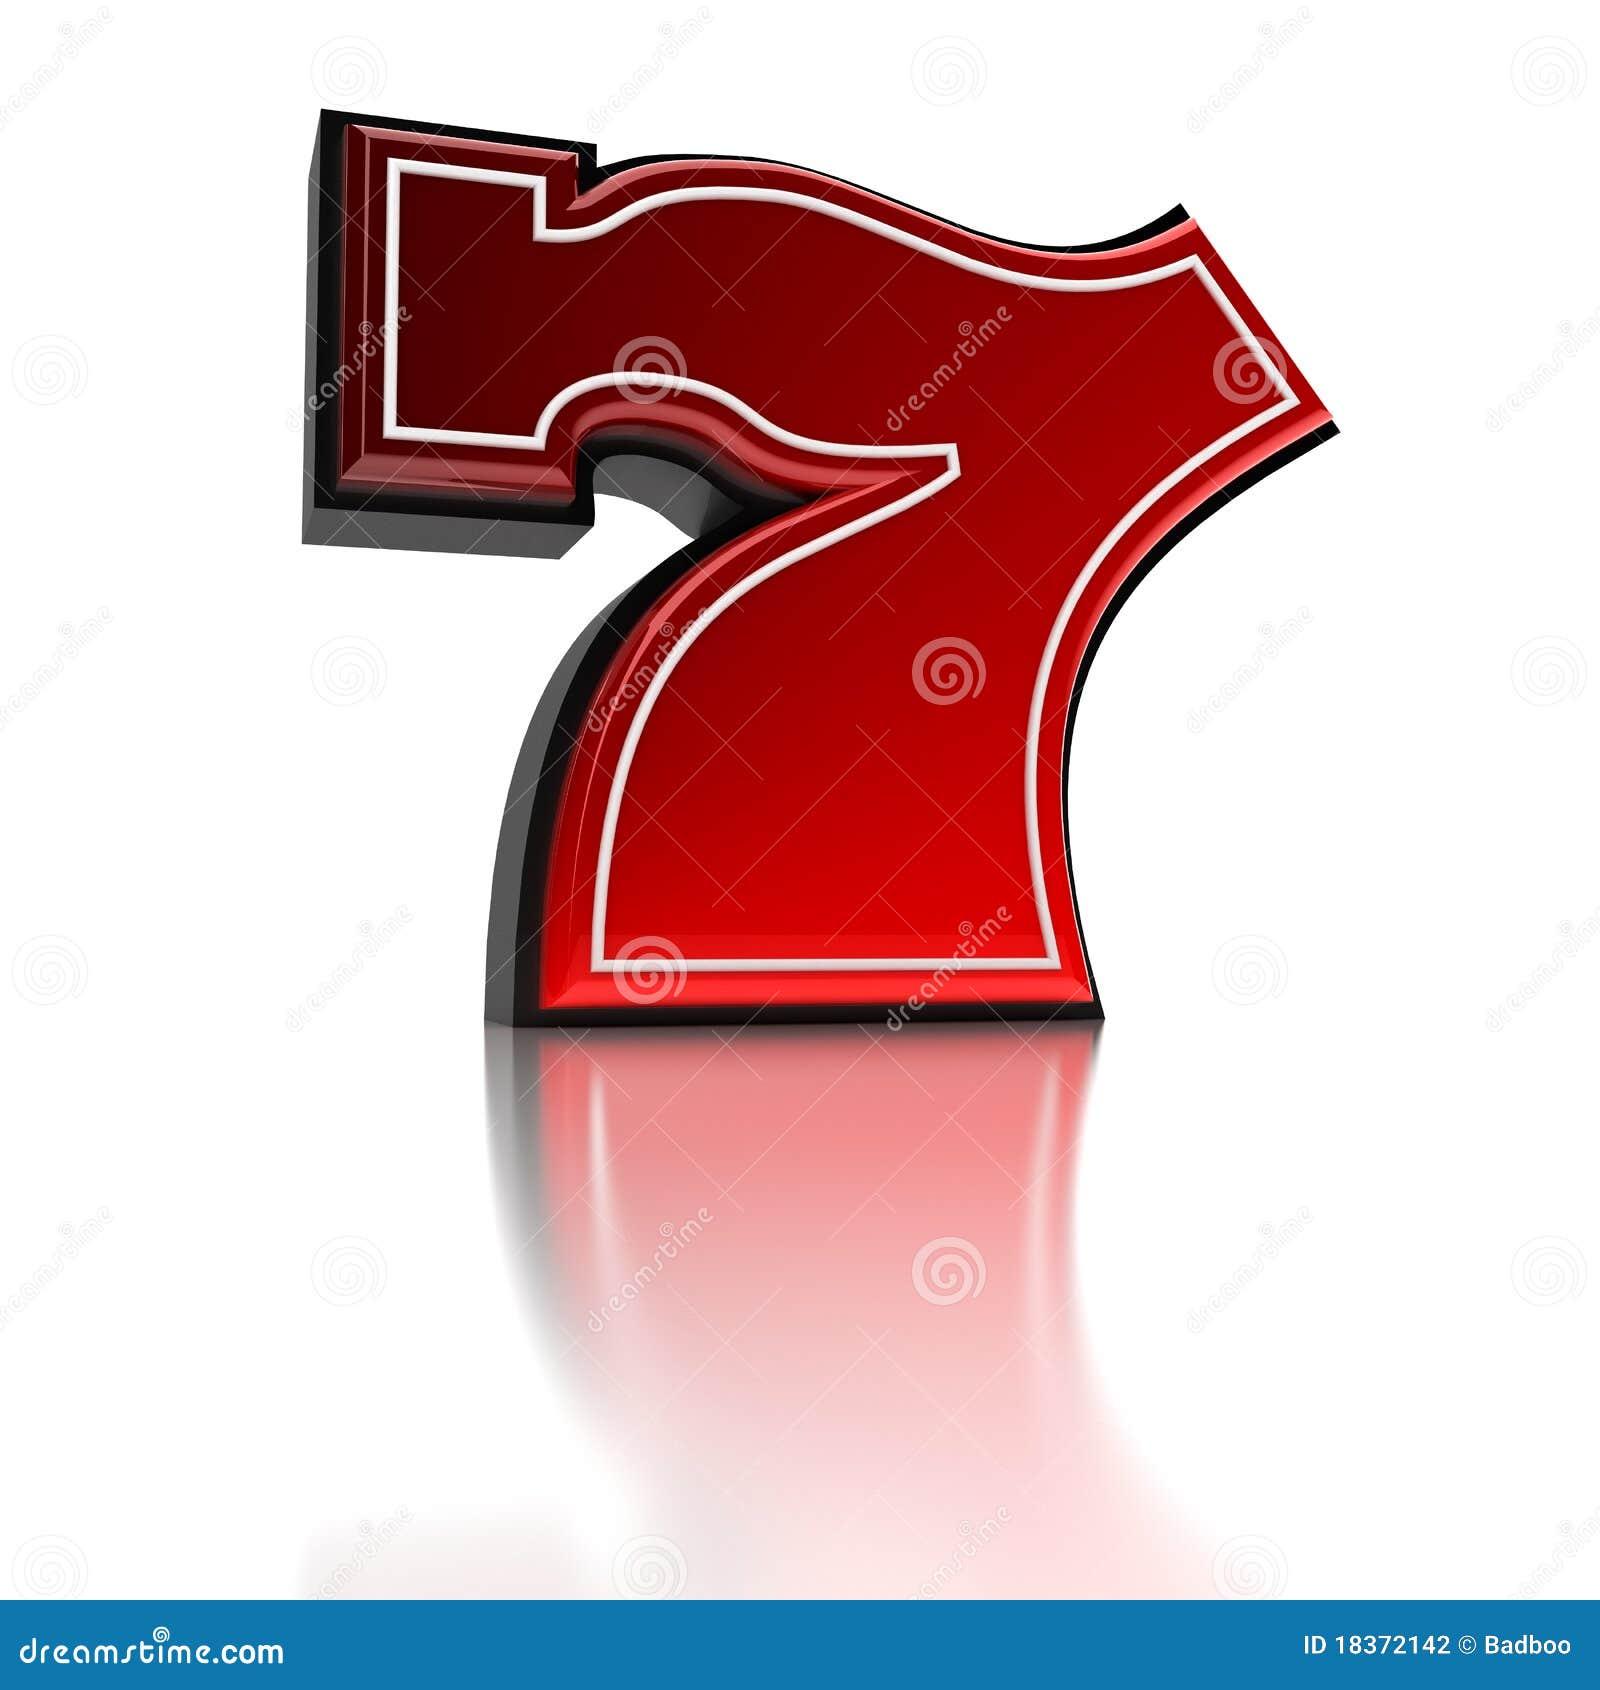 Lucky seven casino 14